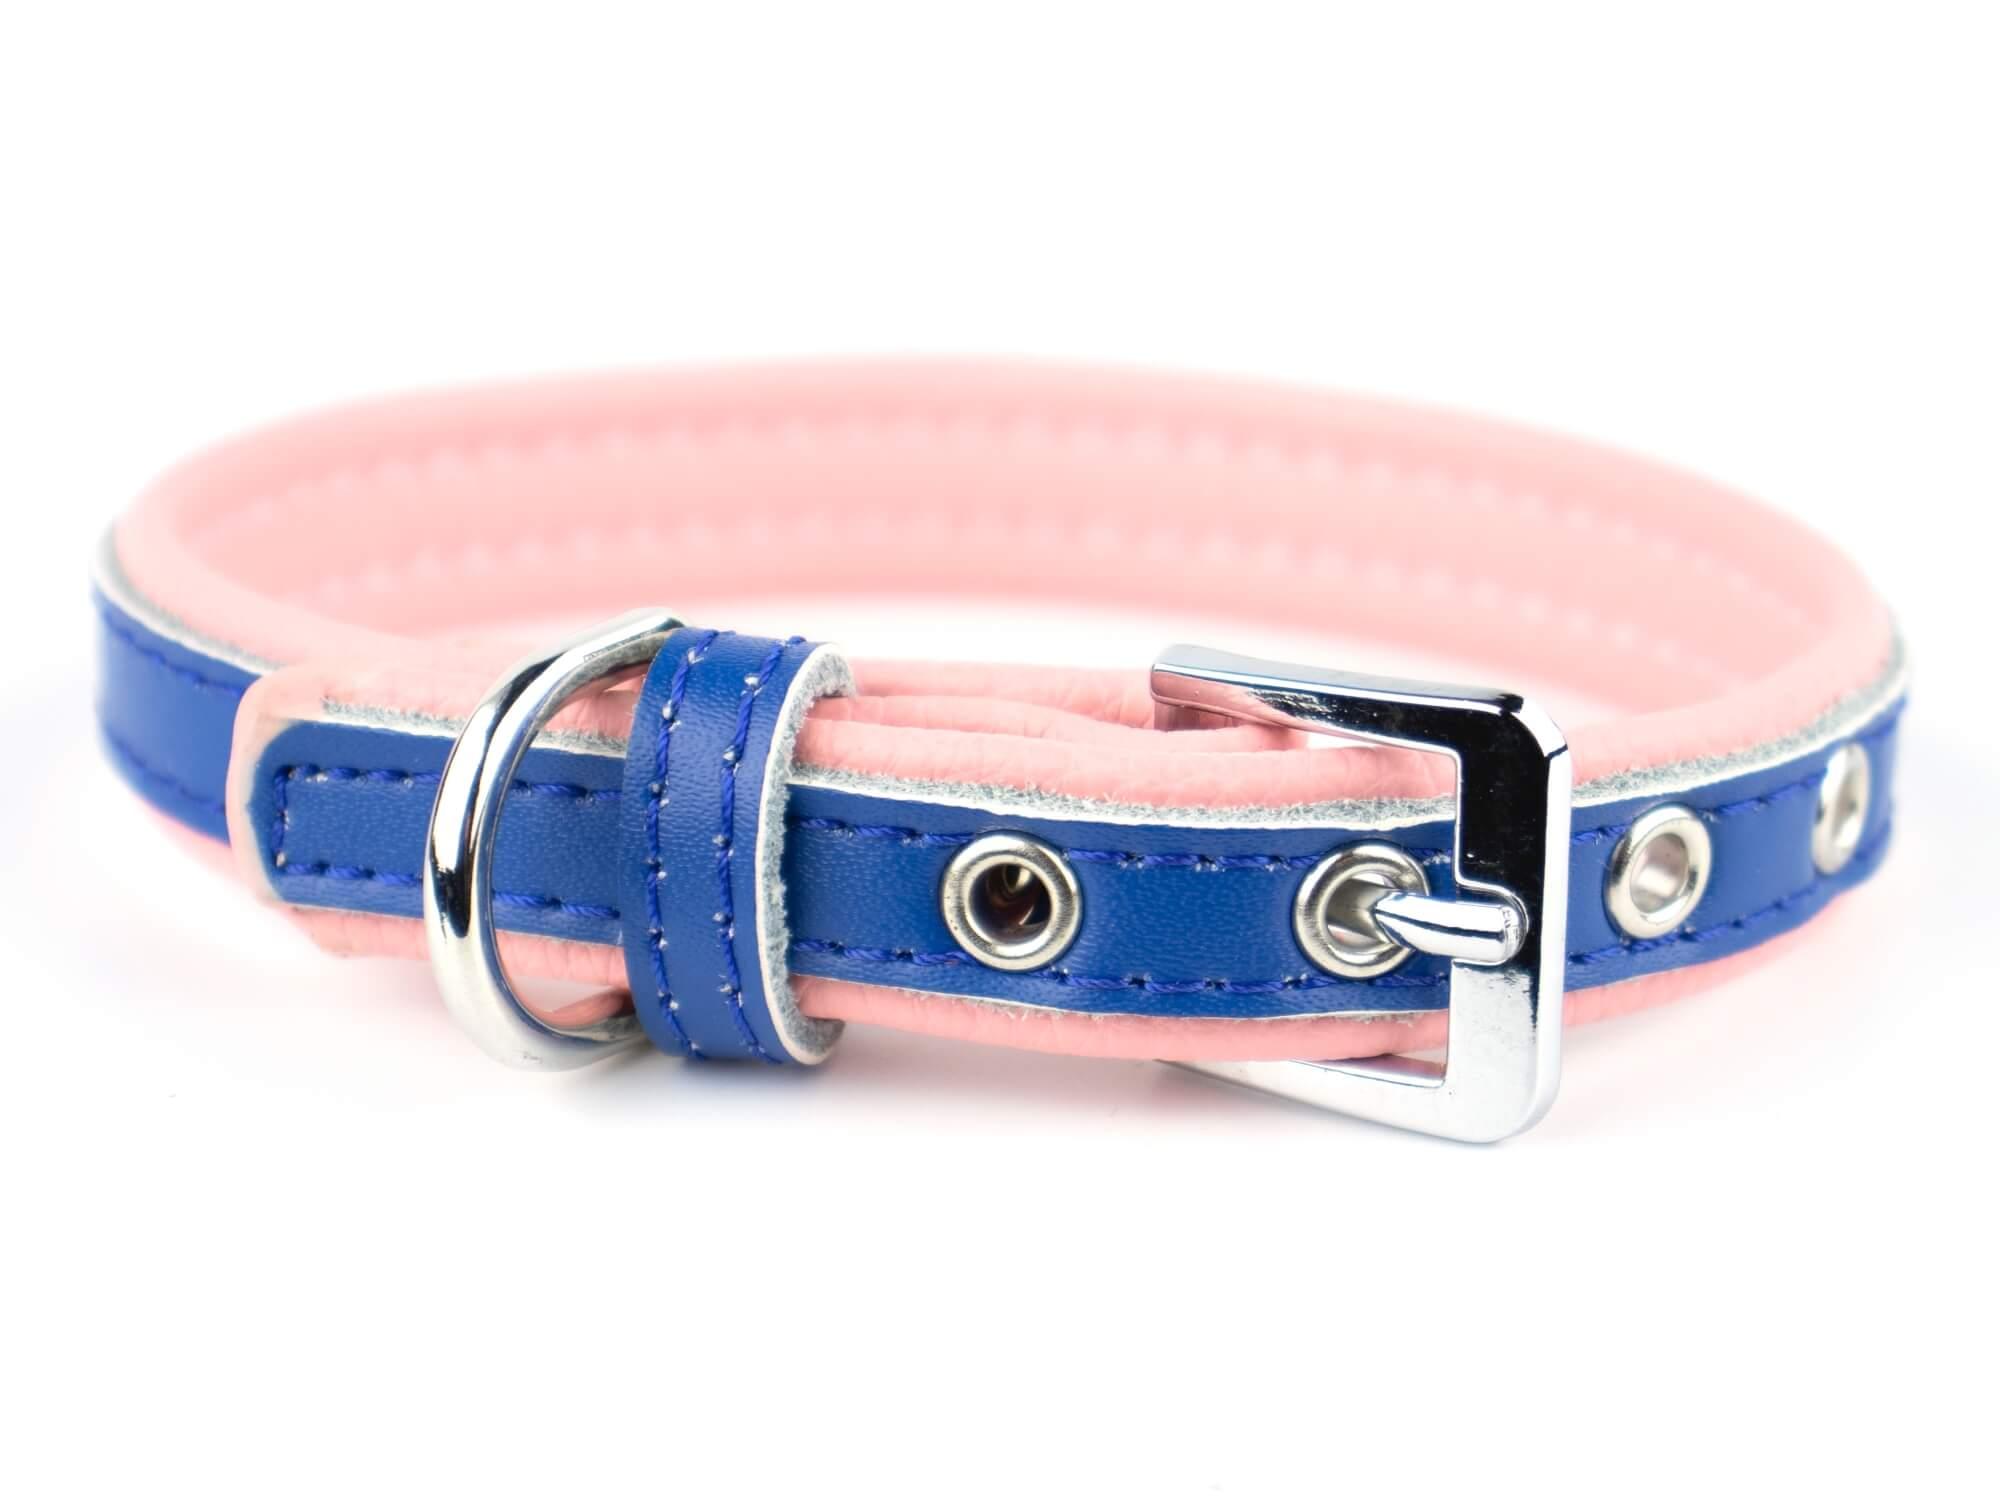 Vsepropejska Rose obojek pro psa | 22 - 34 cm Barva: Modro-růžová, Obvod krku: 21 - 27 cm